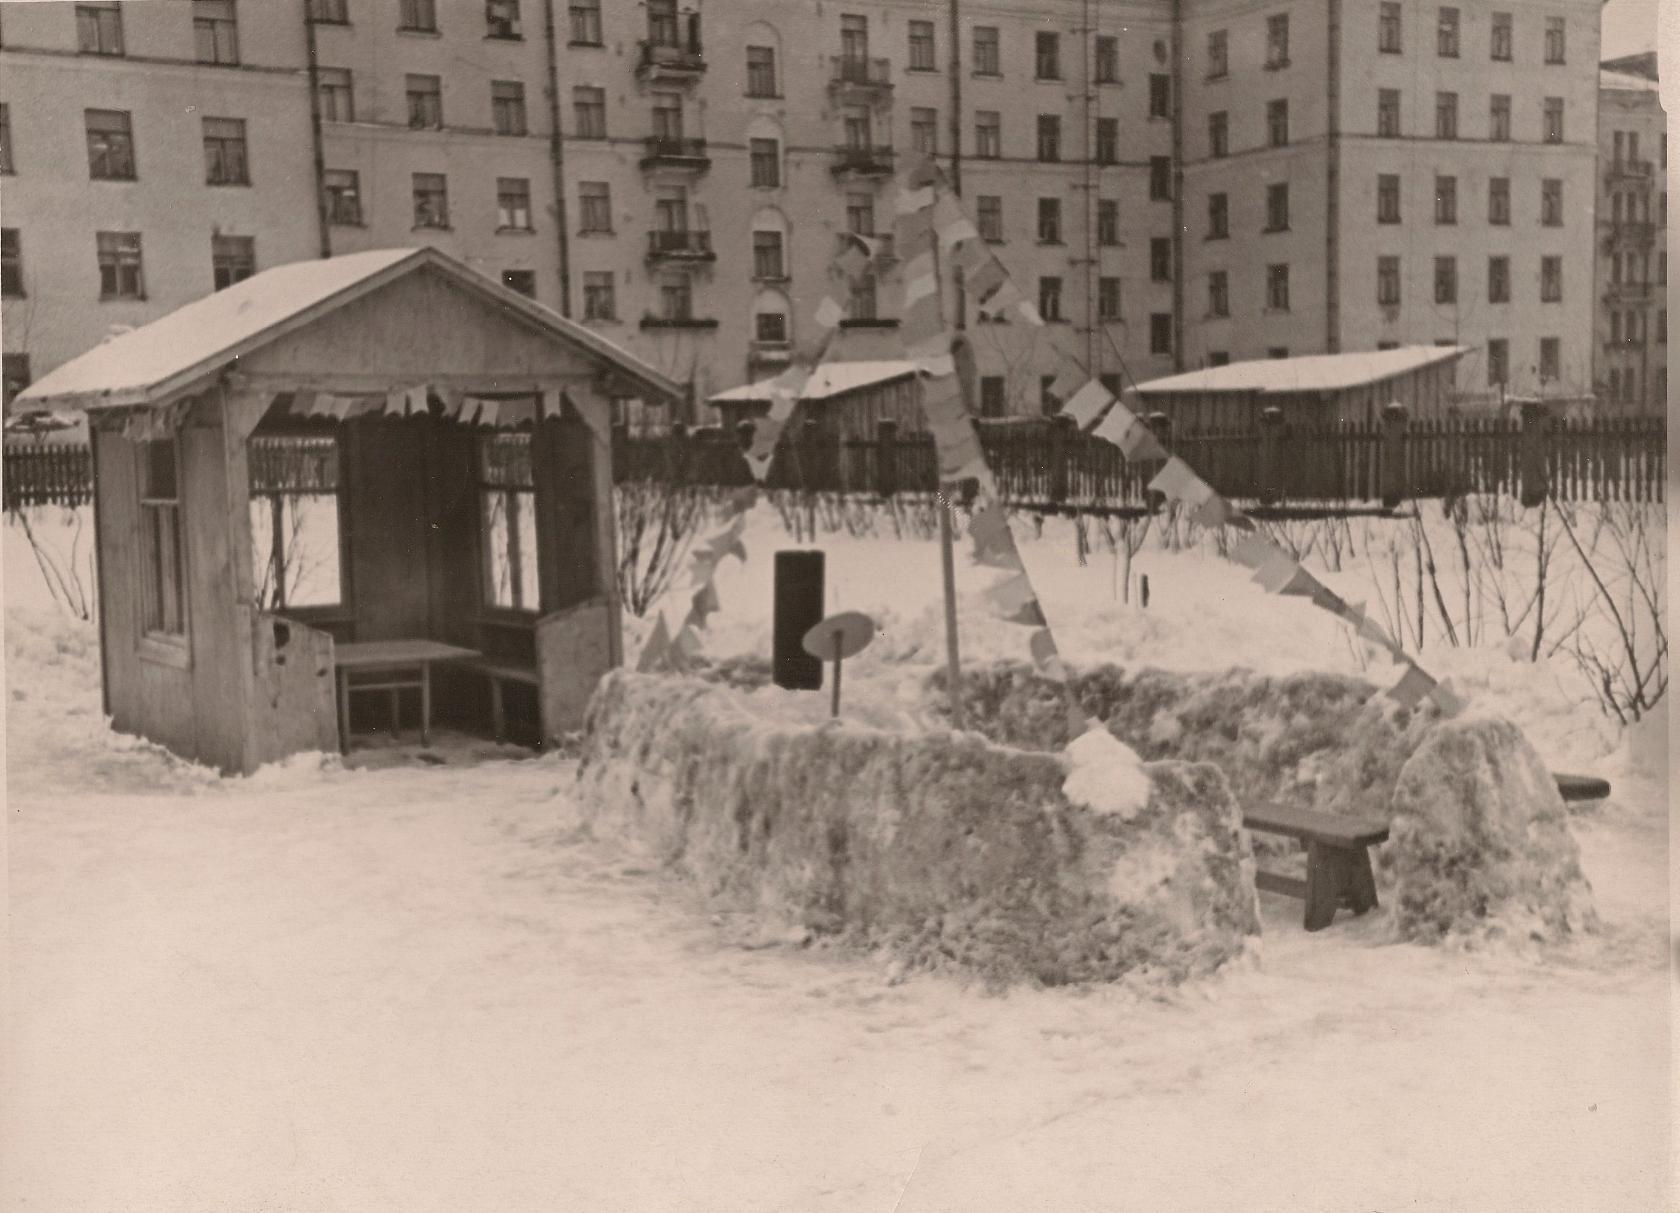 Детский сад на ул. Ленина (Б.Очаковская) 50-60-е годы XX века. Находился на 1-м этаже Общежития, на месте которого теперь находится ДМШ им. Таривердиева4